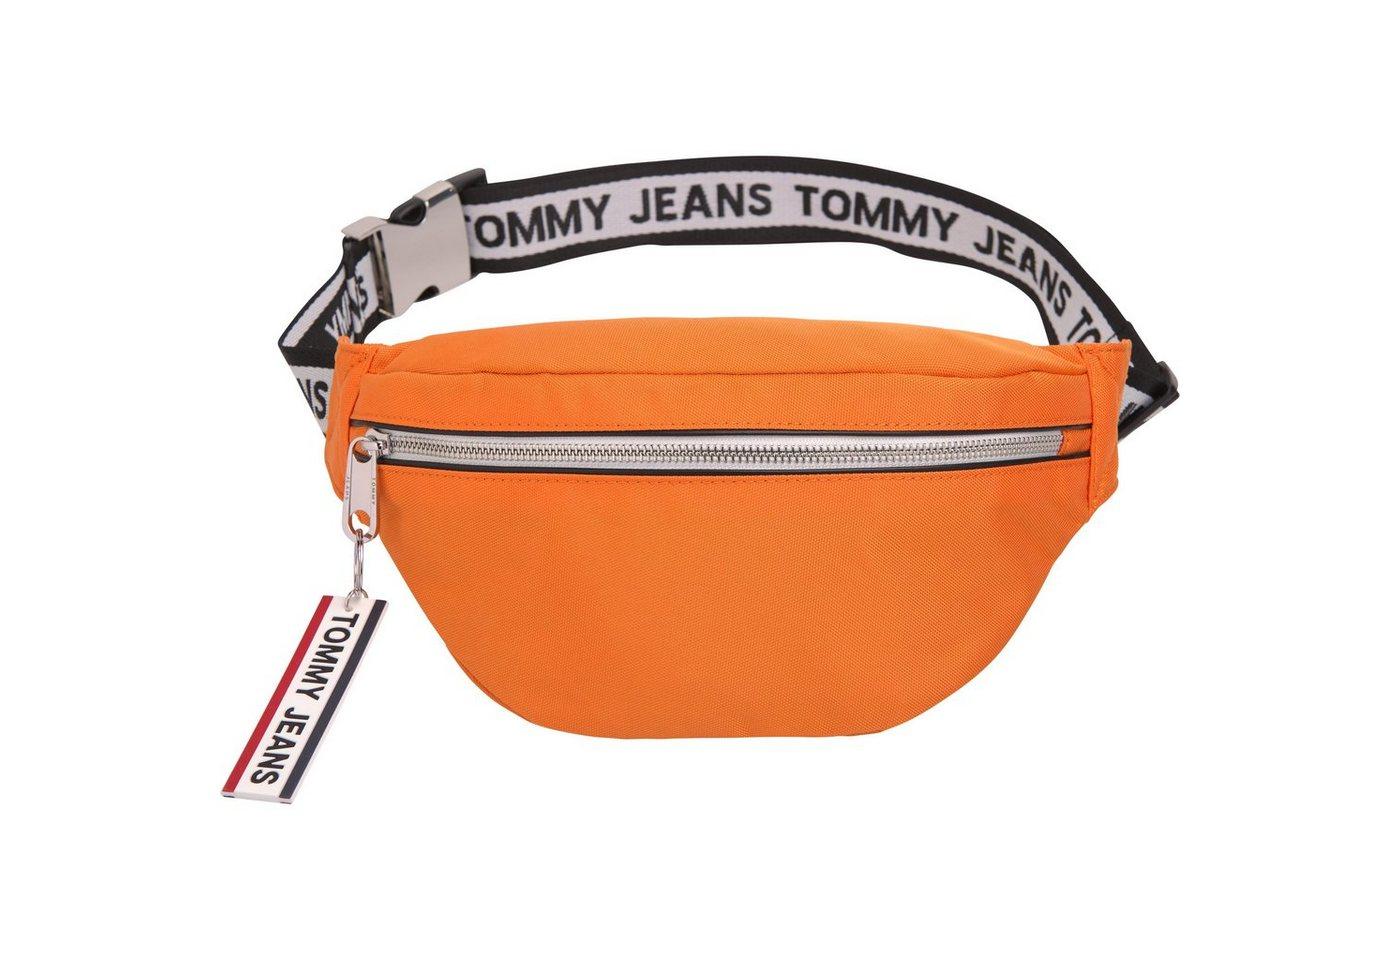 tommy jeans -  Gürteltasche »TJM LOGO TAPE BUMBAG NYL«, mit Logo Schriftzug auf dem Bauchgurt